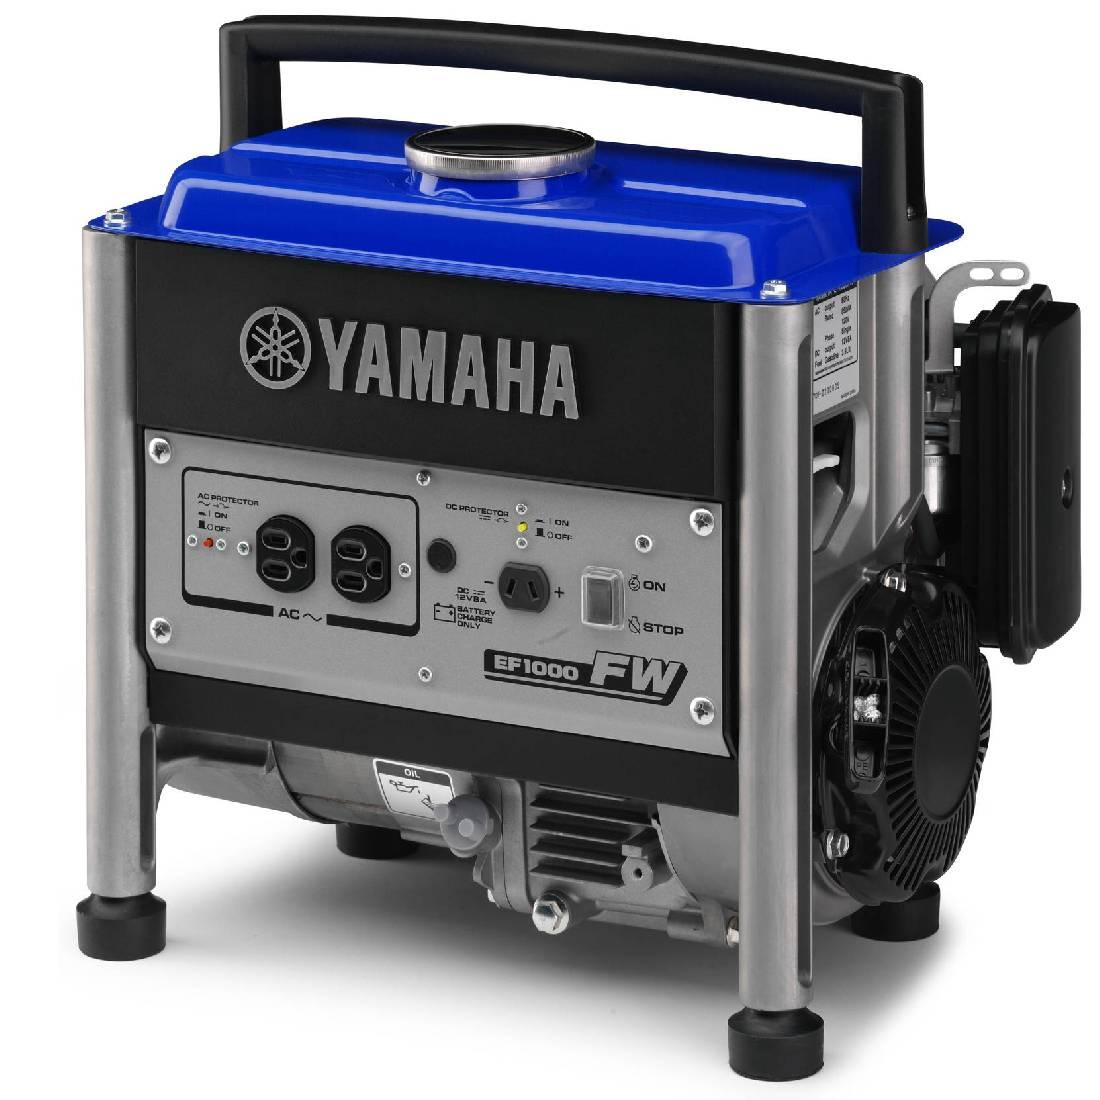 бензиновая электростанция yamaha ef 1000 fw